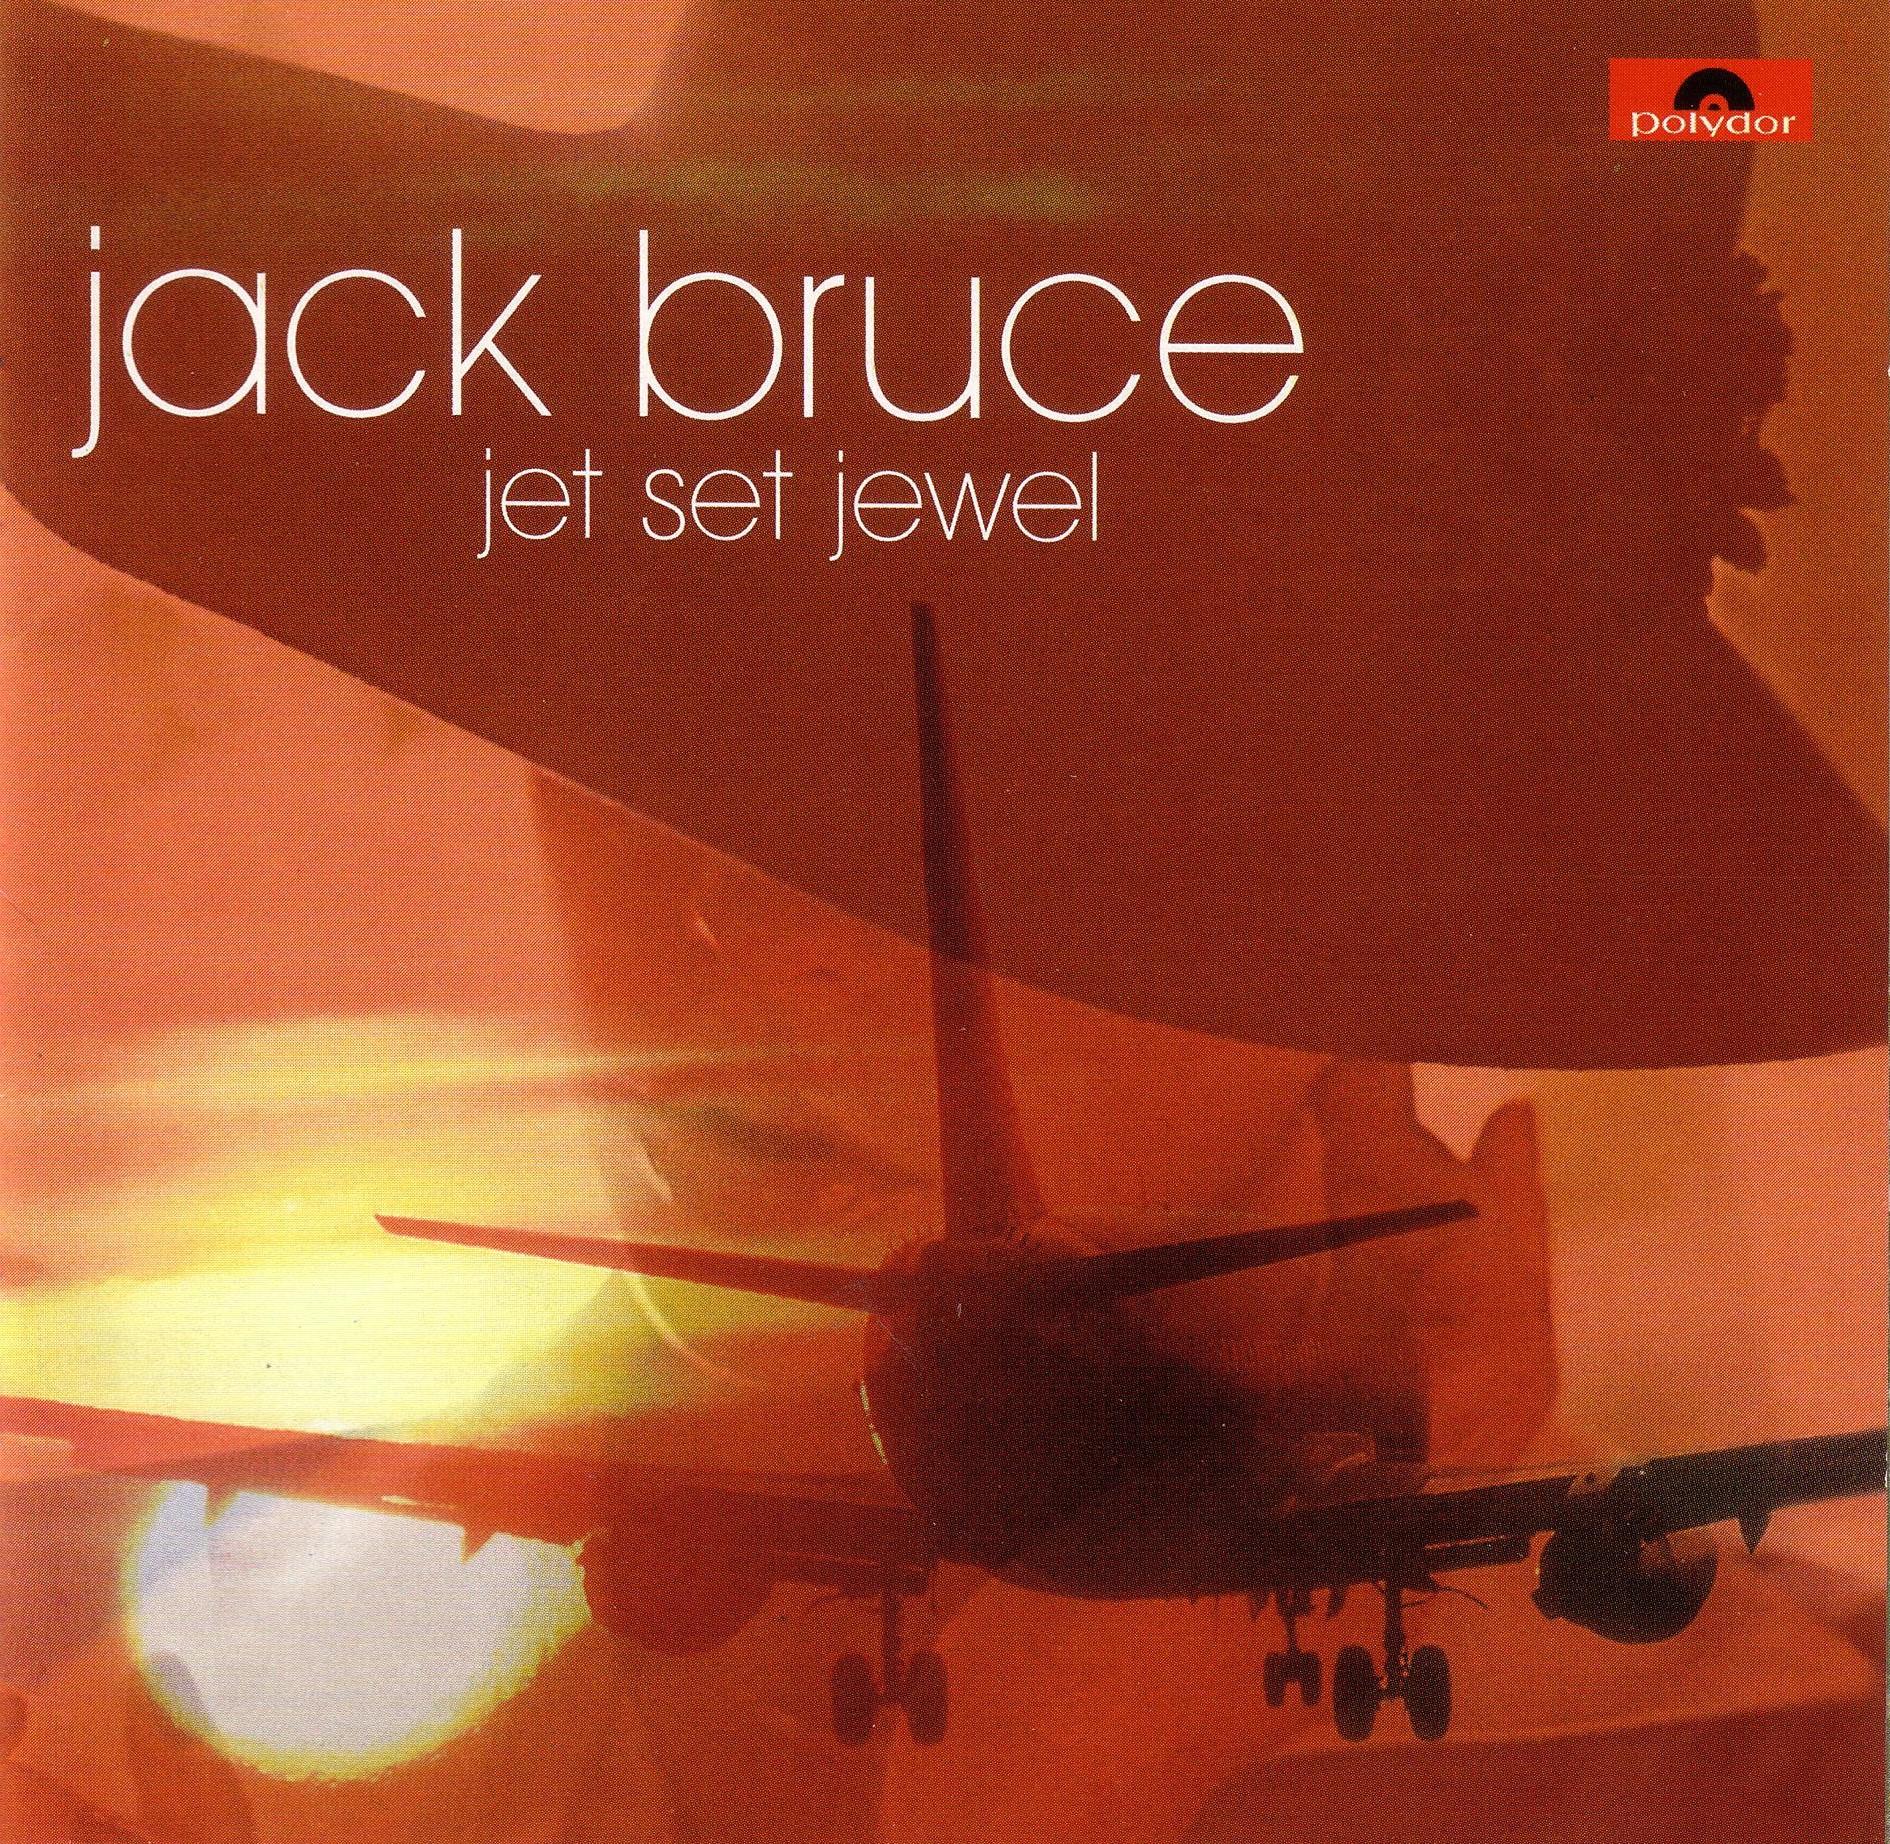 jack_bruce_jet_set_jewel_1978.jpg